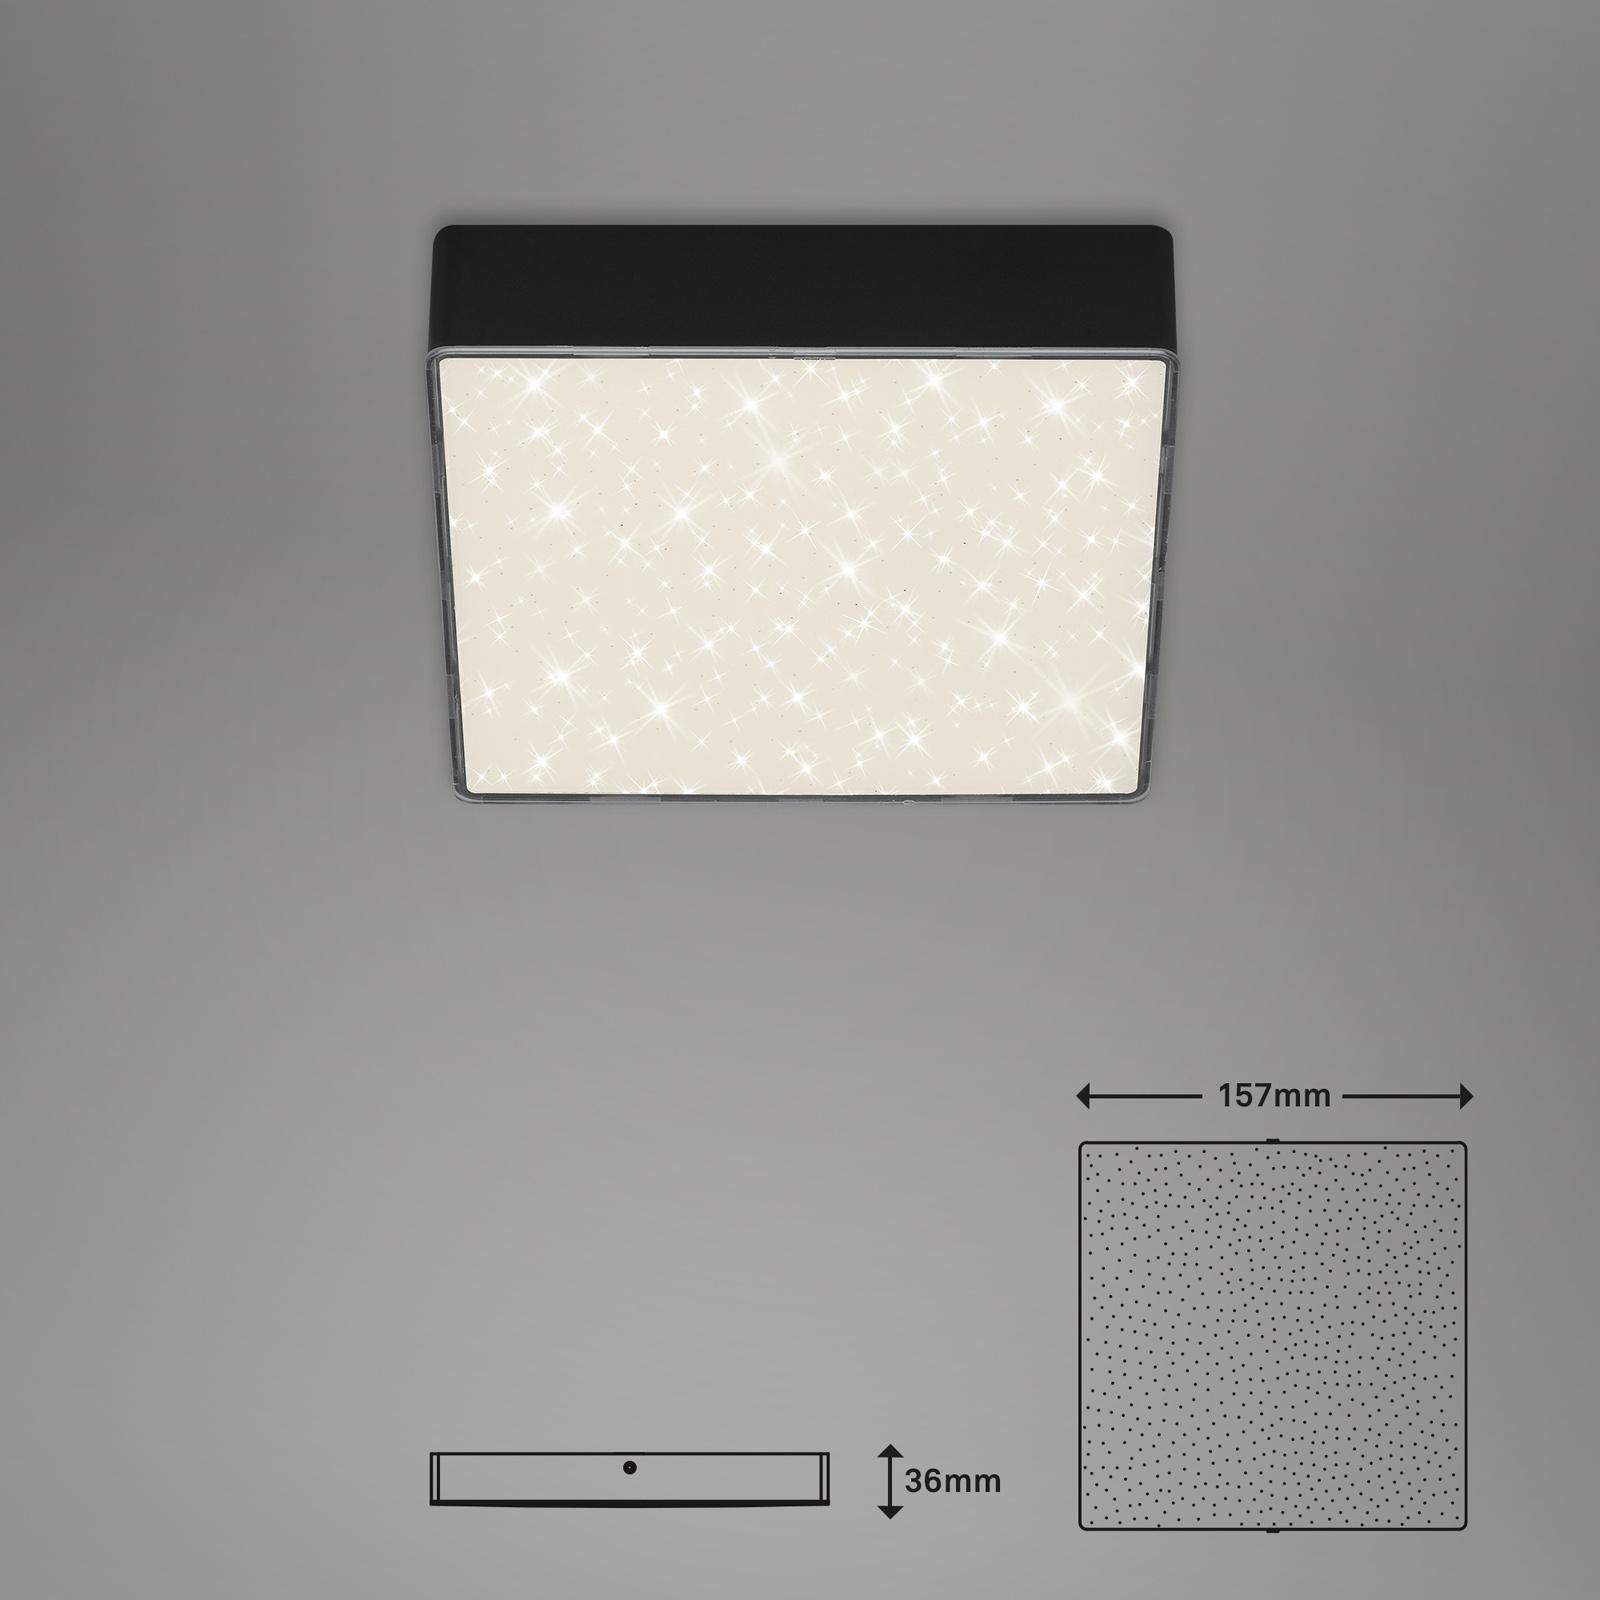 Sternenhimmel LED Deckenleuchte schwarz Maßzeichnung